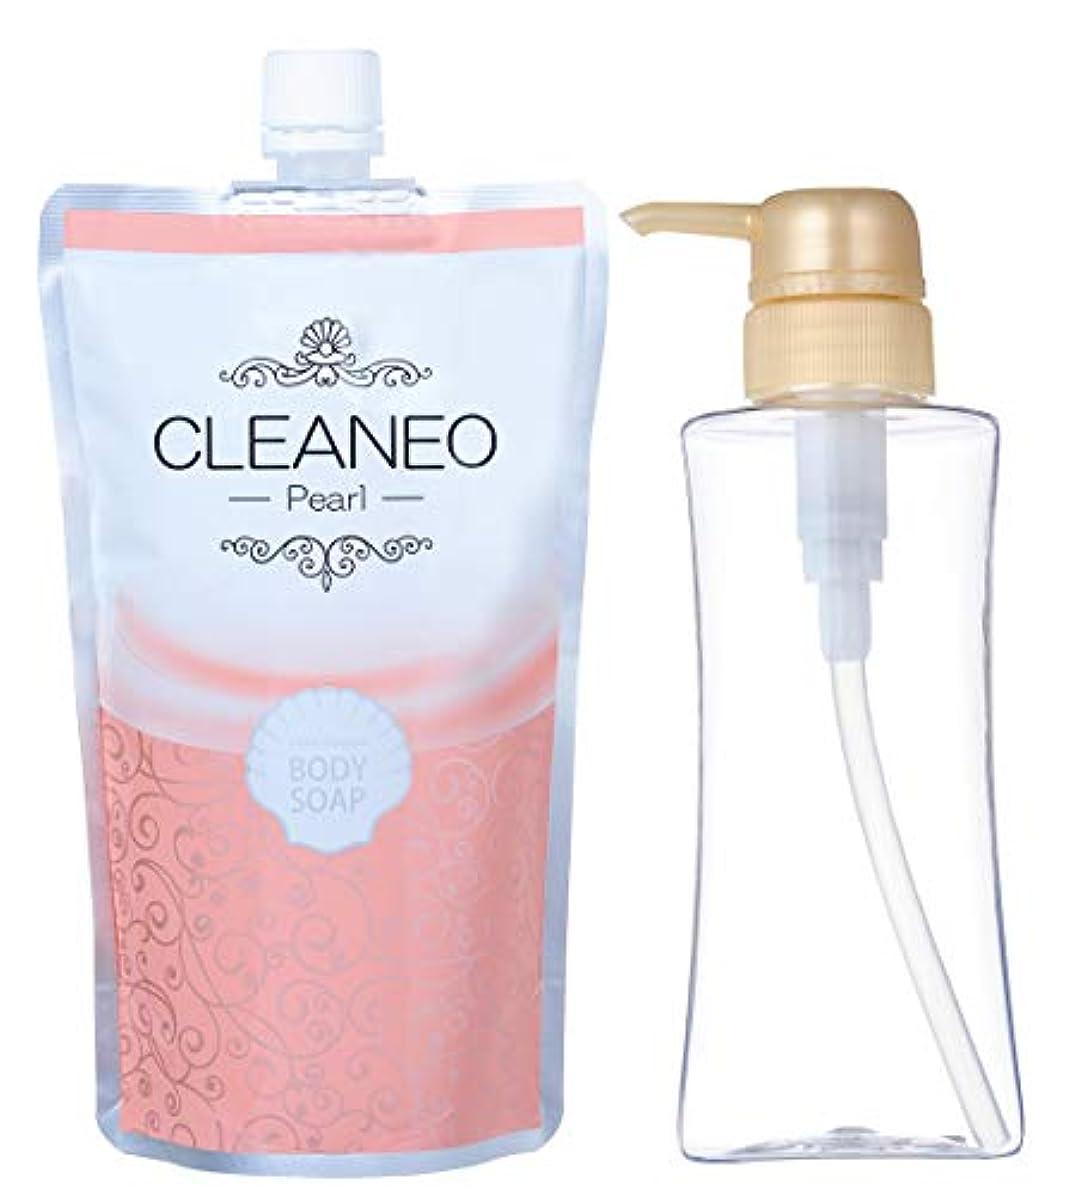 ピーブにぎやかステーキクリアネオ公式(CLEANEO) パール オーガニックボディソープ?透明感のある美肌へ(詰替300ml+専用ボトルセット)